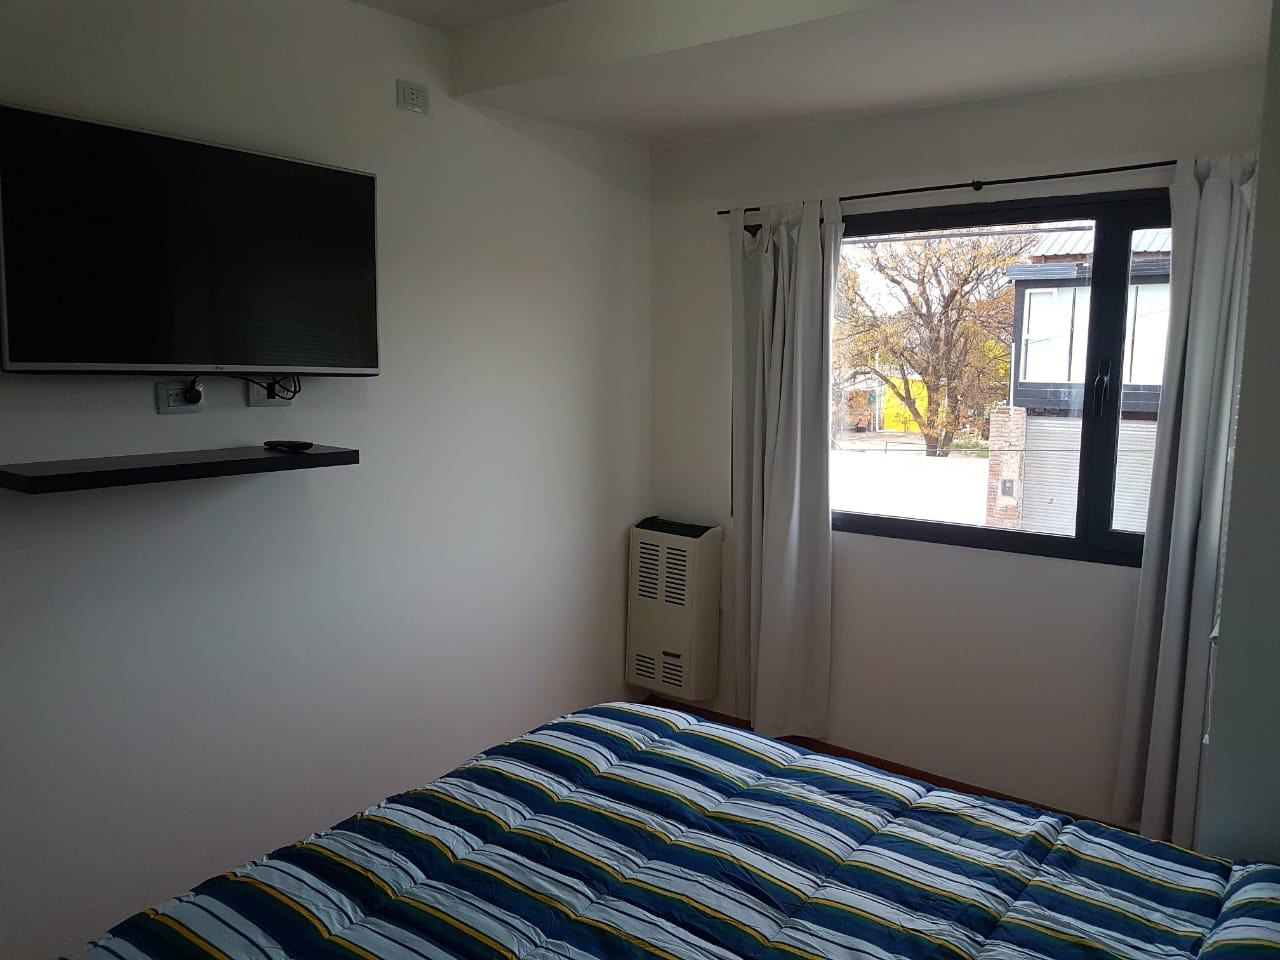 Departamento de 1 dormitorio Amueblado , en Alquiler